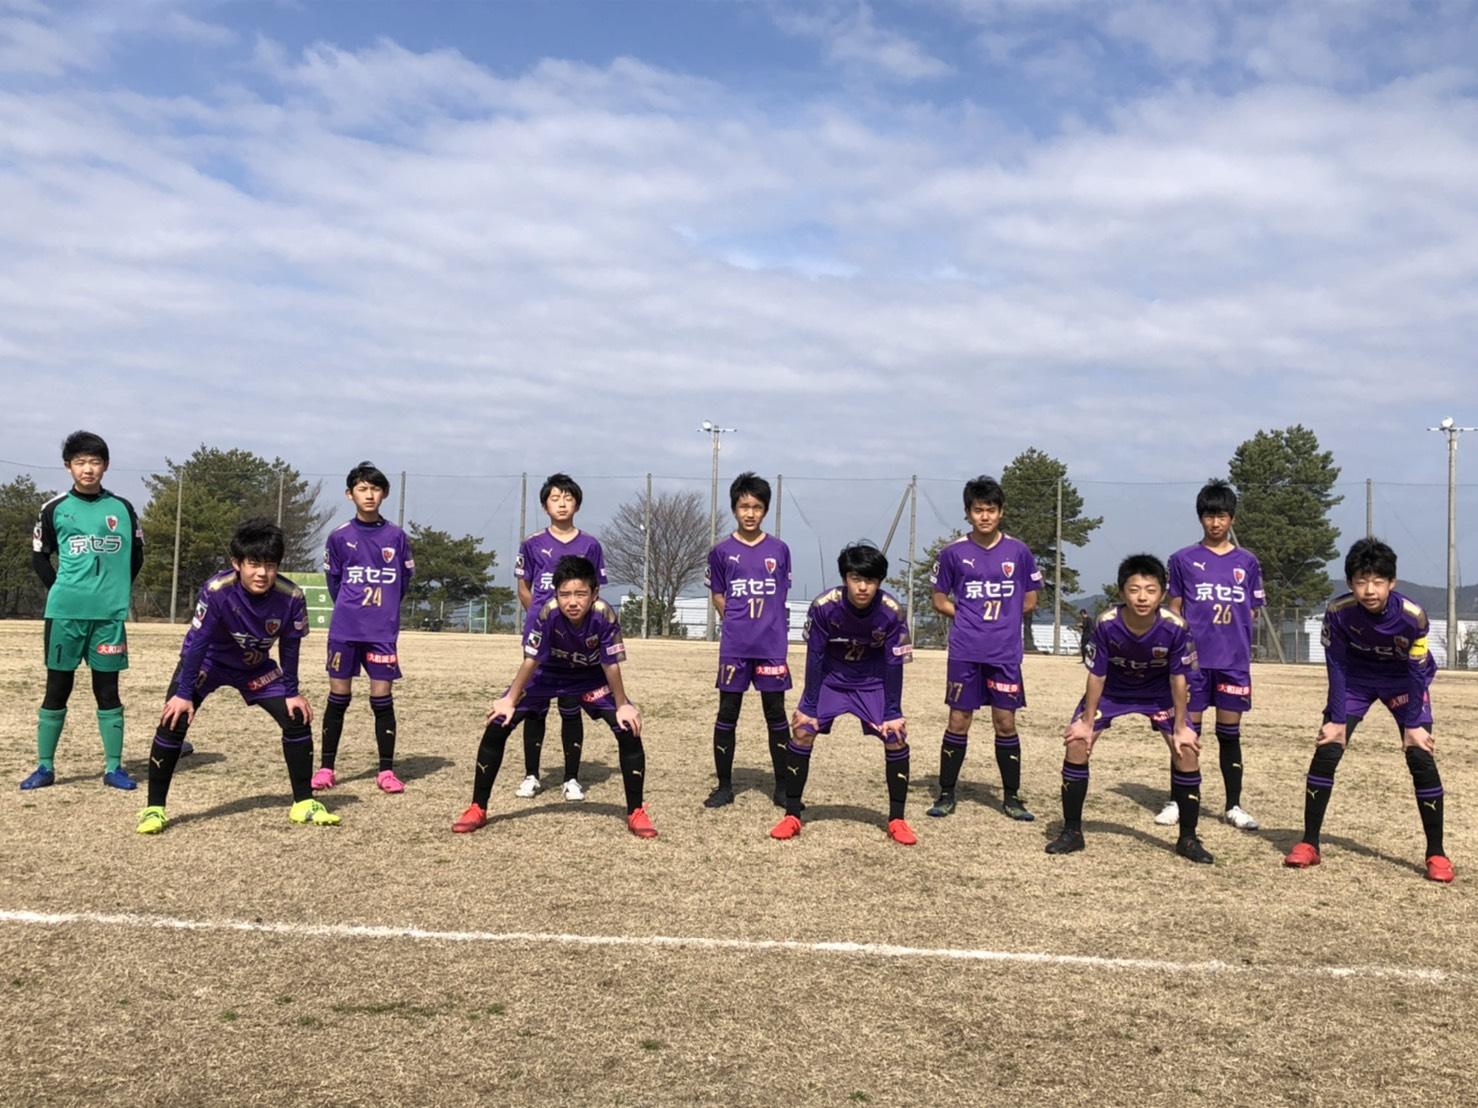 【U-14】高円宮杯JFA U-15サッカーリーグ滋賀2021 2部リーグ第3節